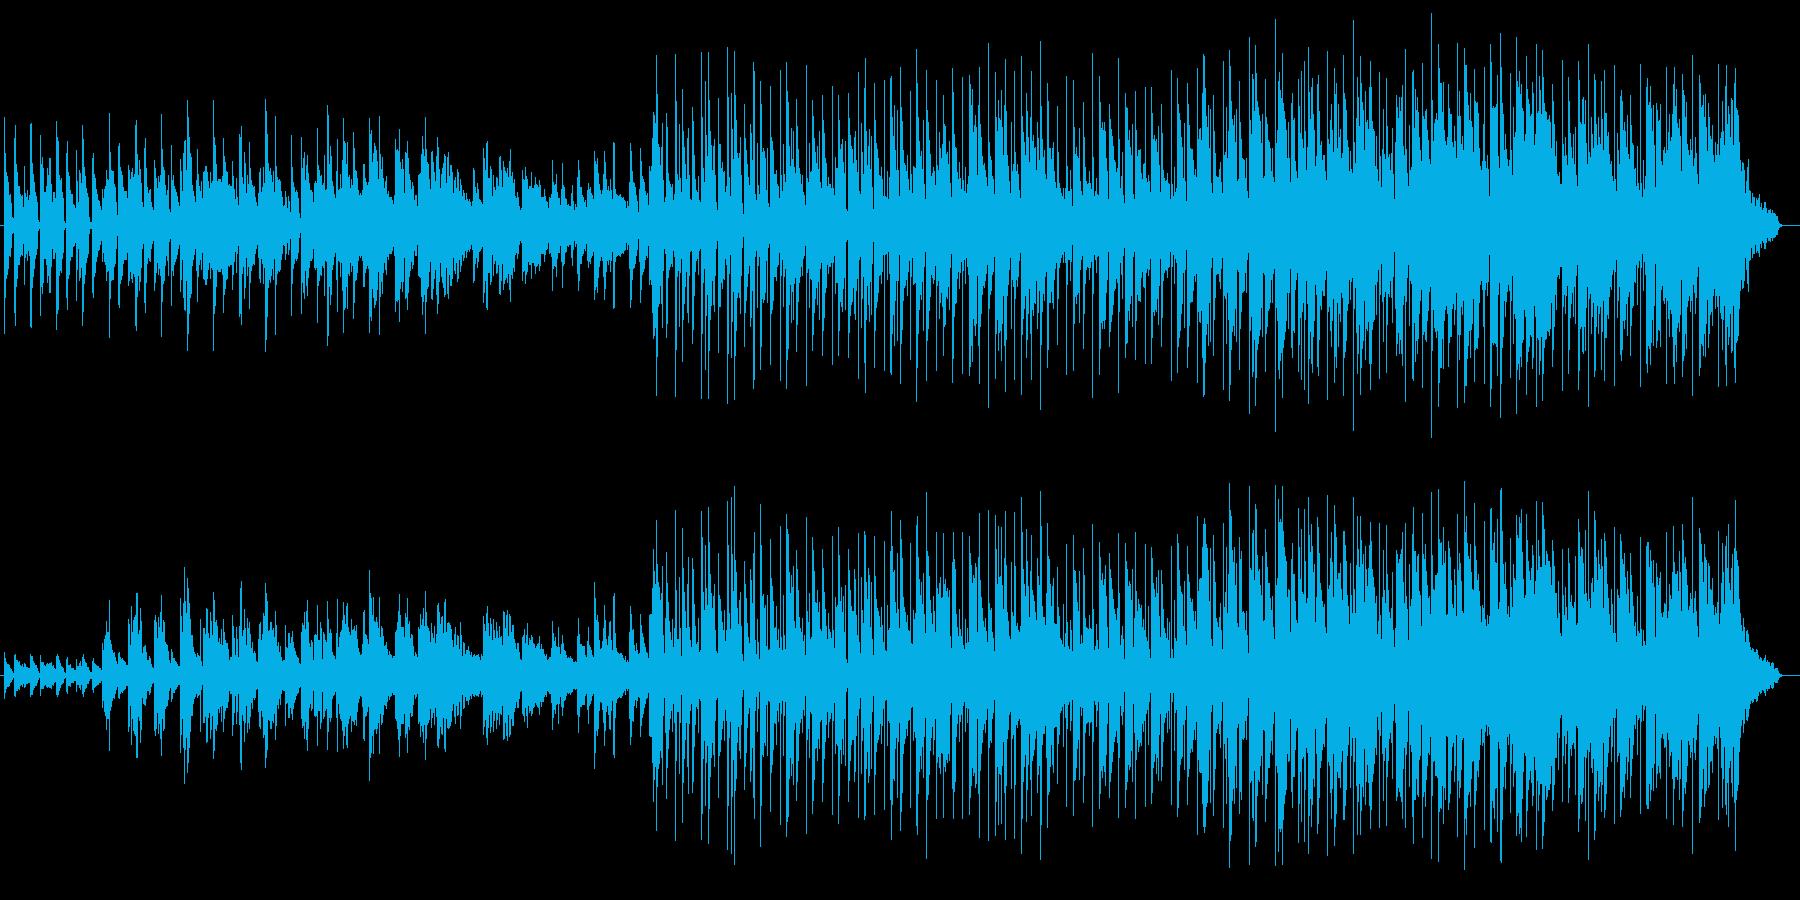 穏やかで優しいアコギとピアノのバラードの再生済みの波形